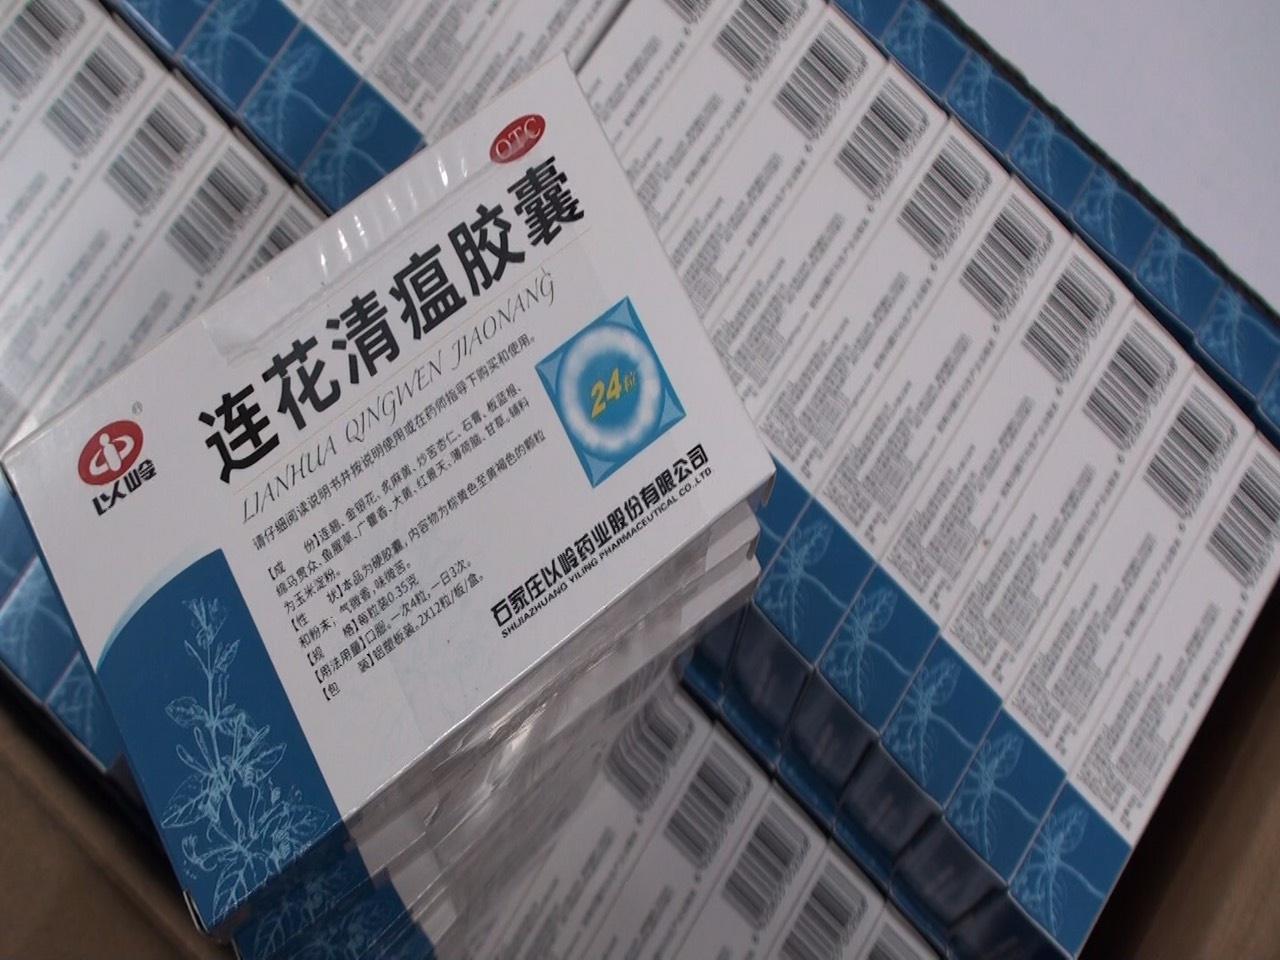 Công an TPHCM bắt lô thuốc được cho là điều trị COVID-19 (ảnh: công an cung cấp)